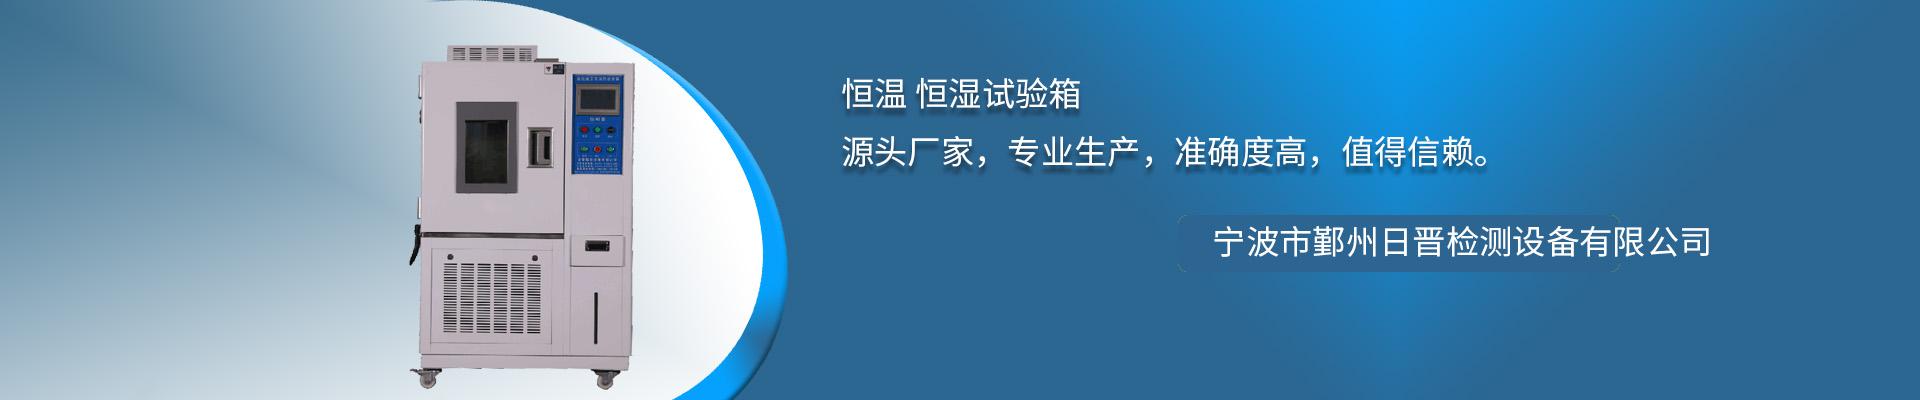 宁波市鄞州日晋检测设备有限公司